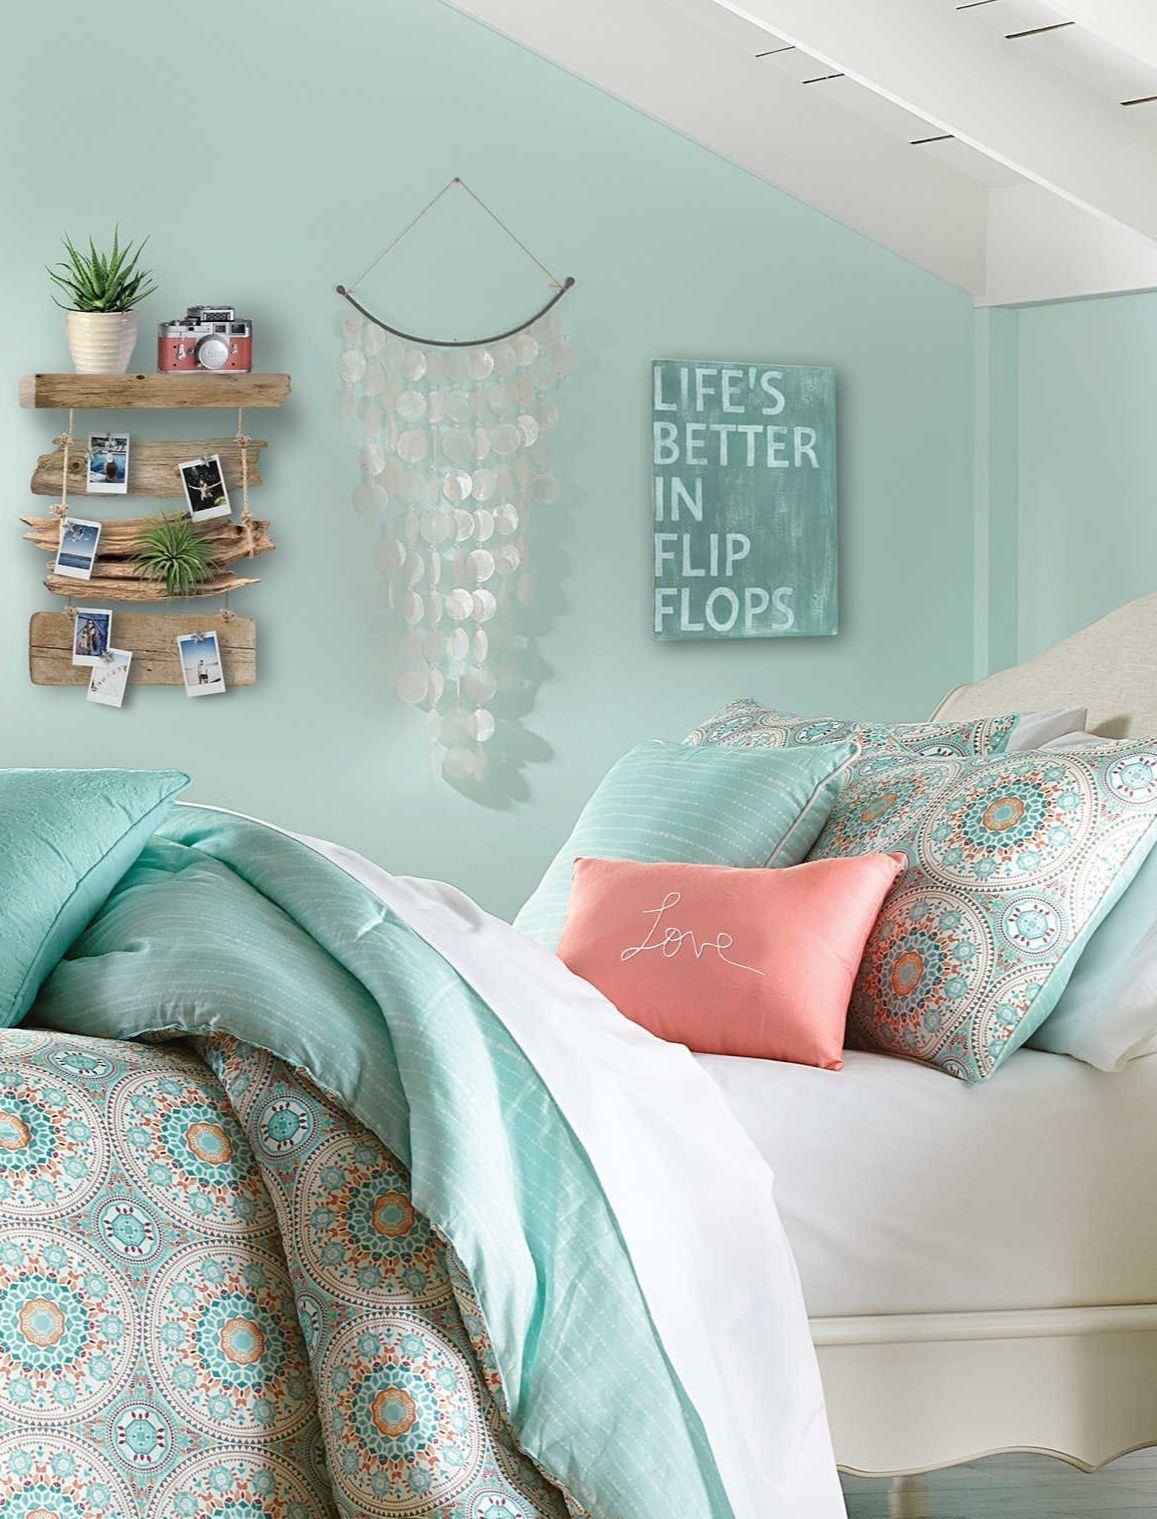 Life S Better In Flip Flops Sign Bedroom Wall Decor Pastel Bedroom Beach Themed Bedroom Beach Room